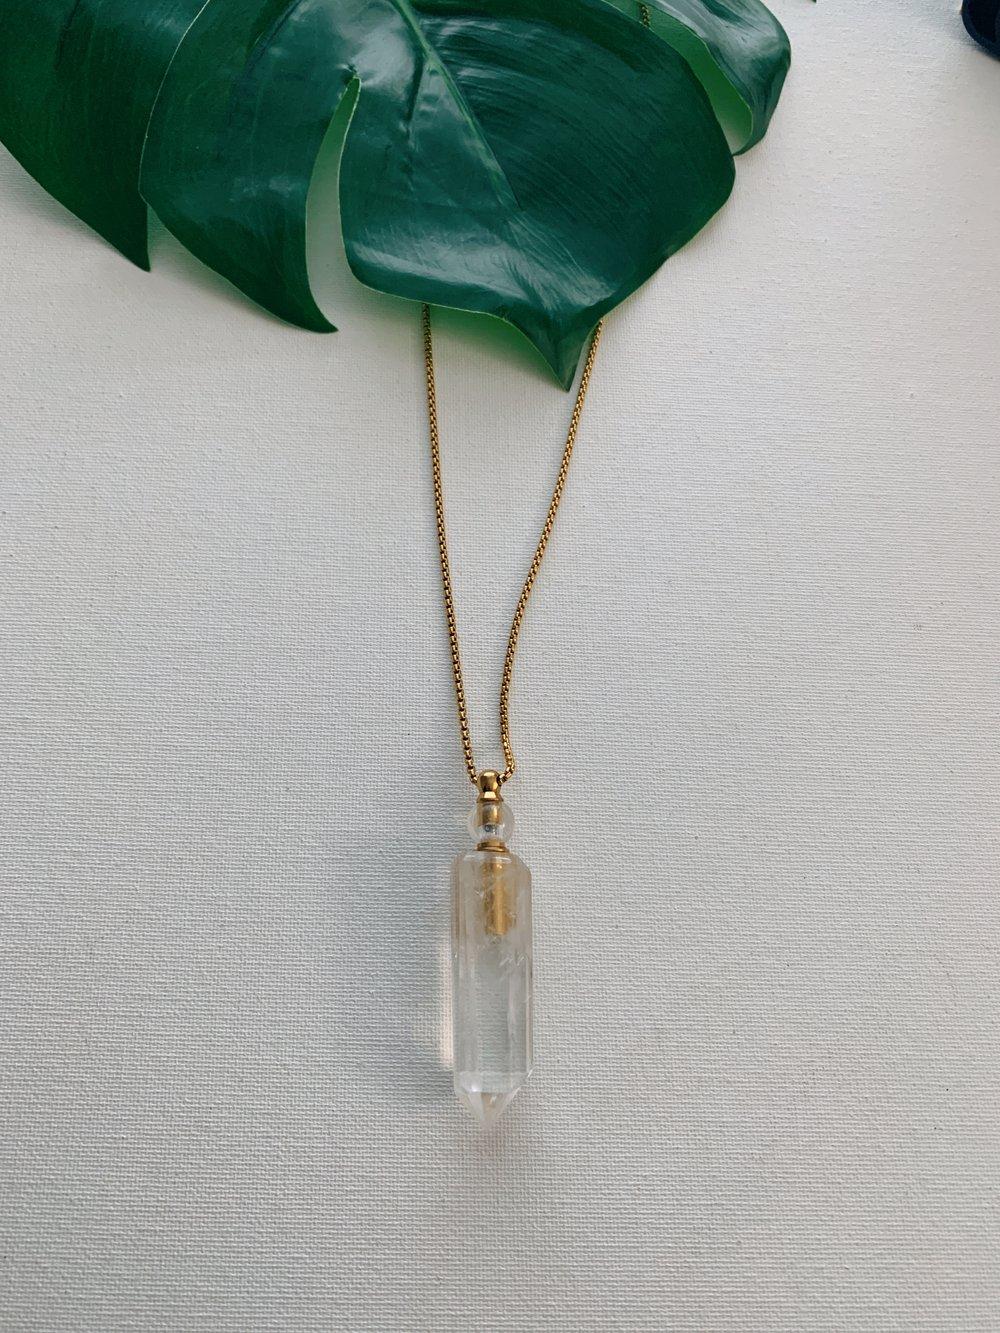 Image of OG ANGEL • Clear Quartz Potion Flask Necklace